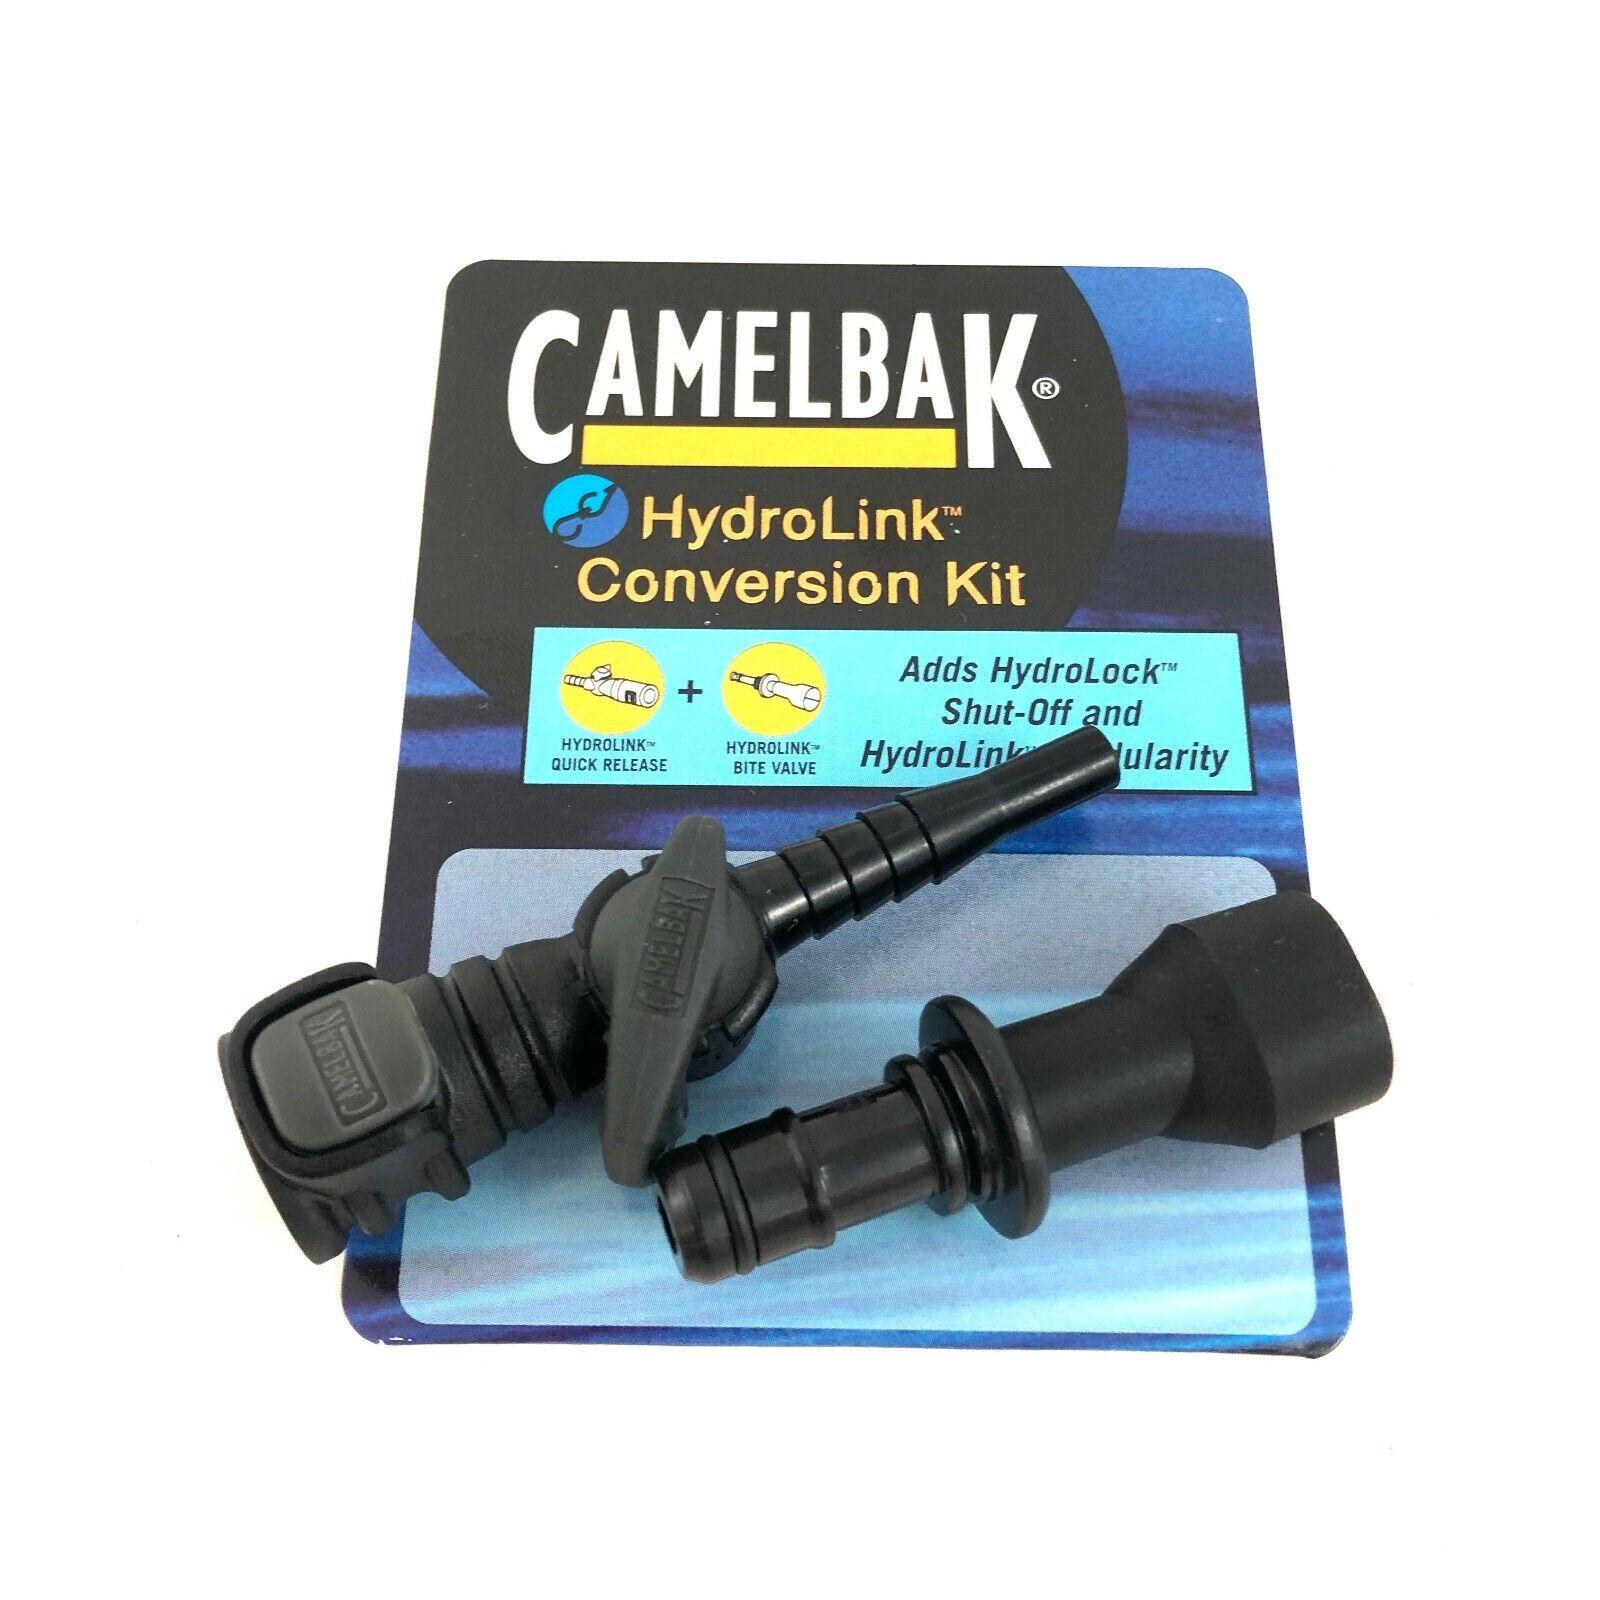 New CamelBak Hydration hydrolink  Kit includes bite valve,on